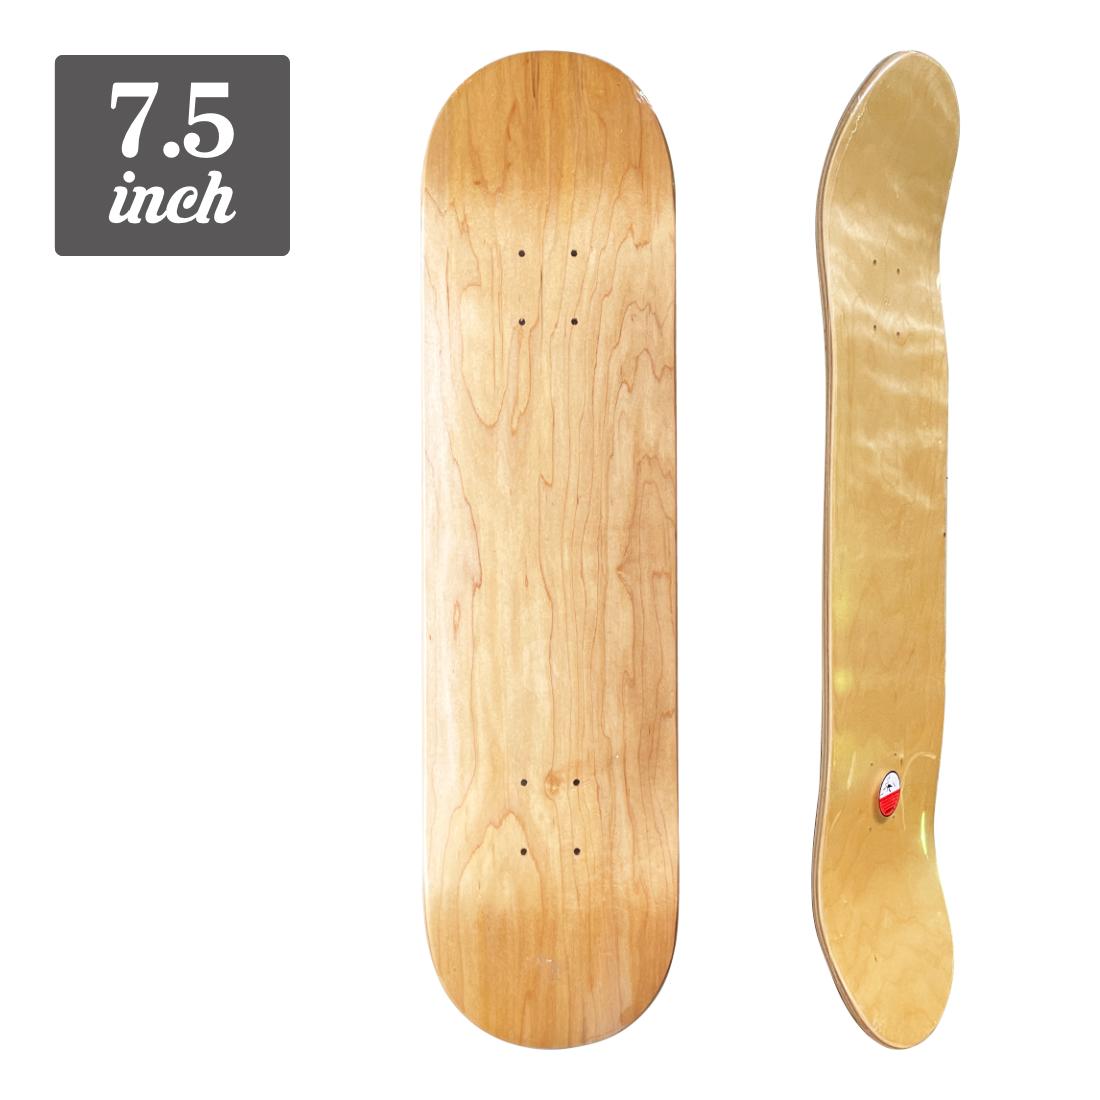 (子供用)【7.5】Blank Deck - Natural